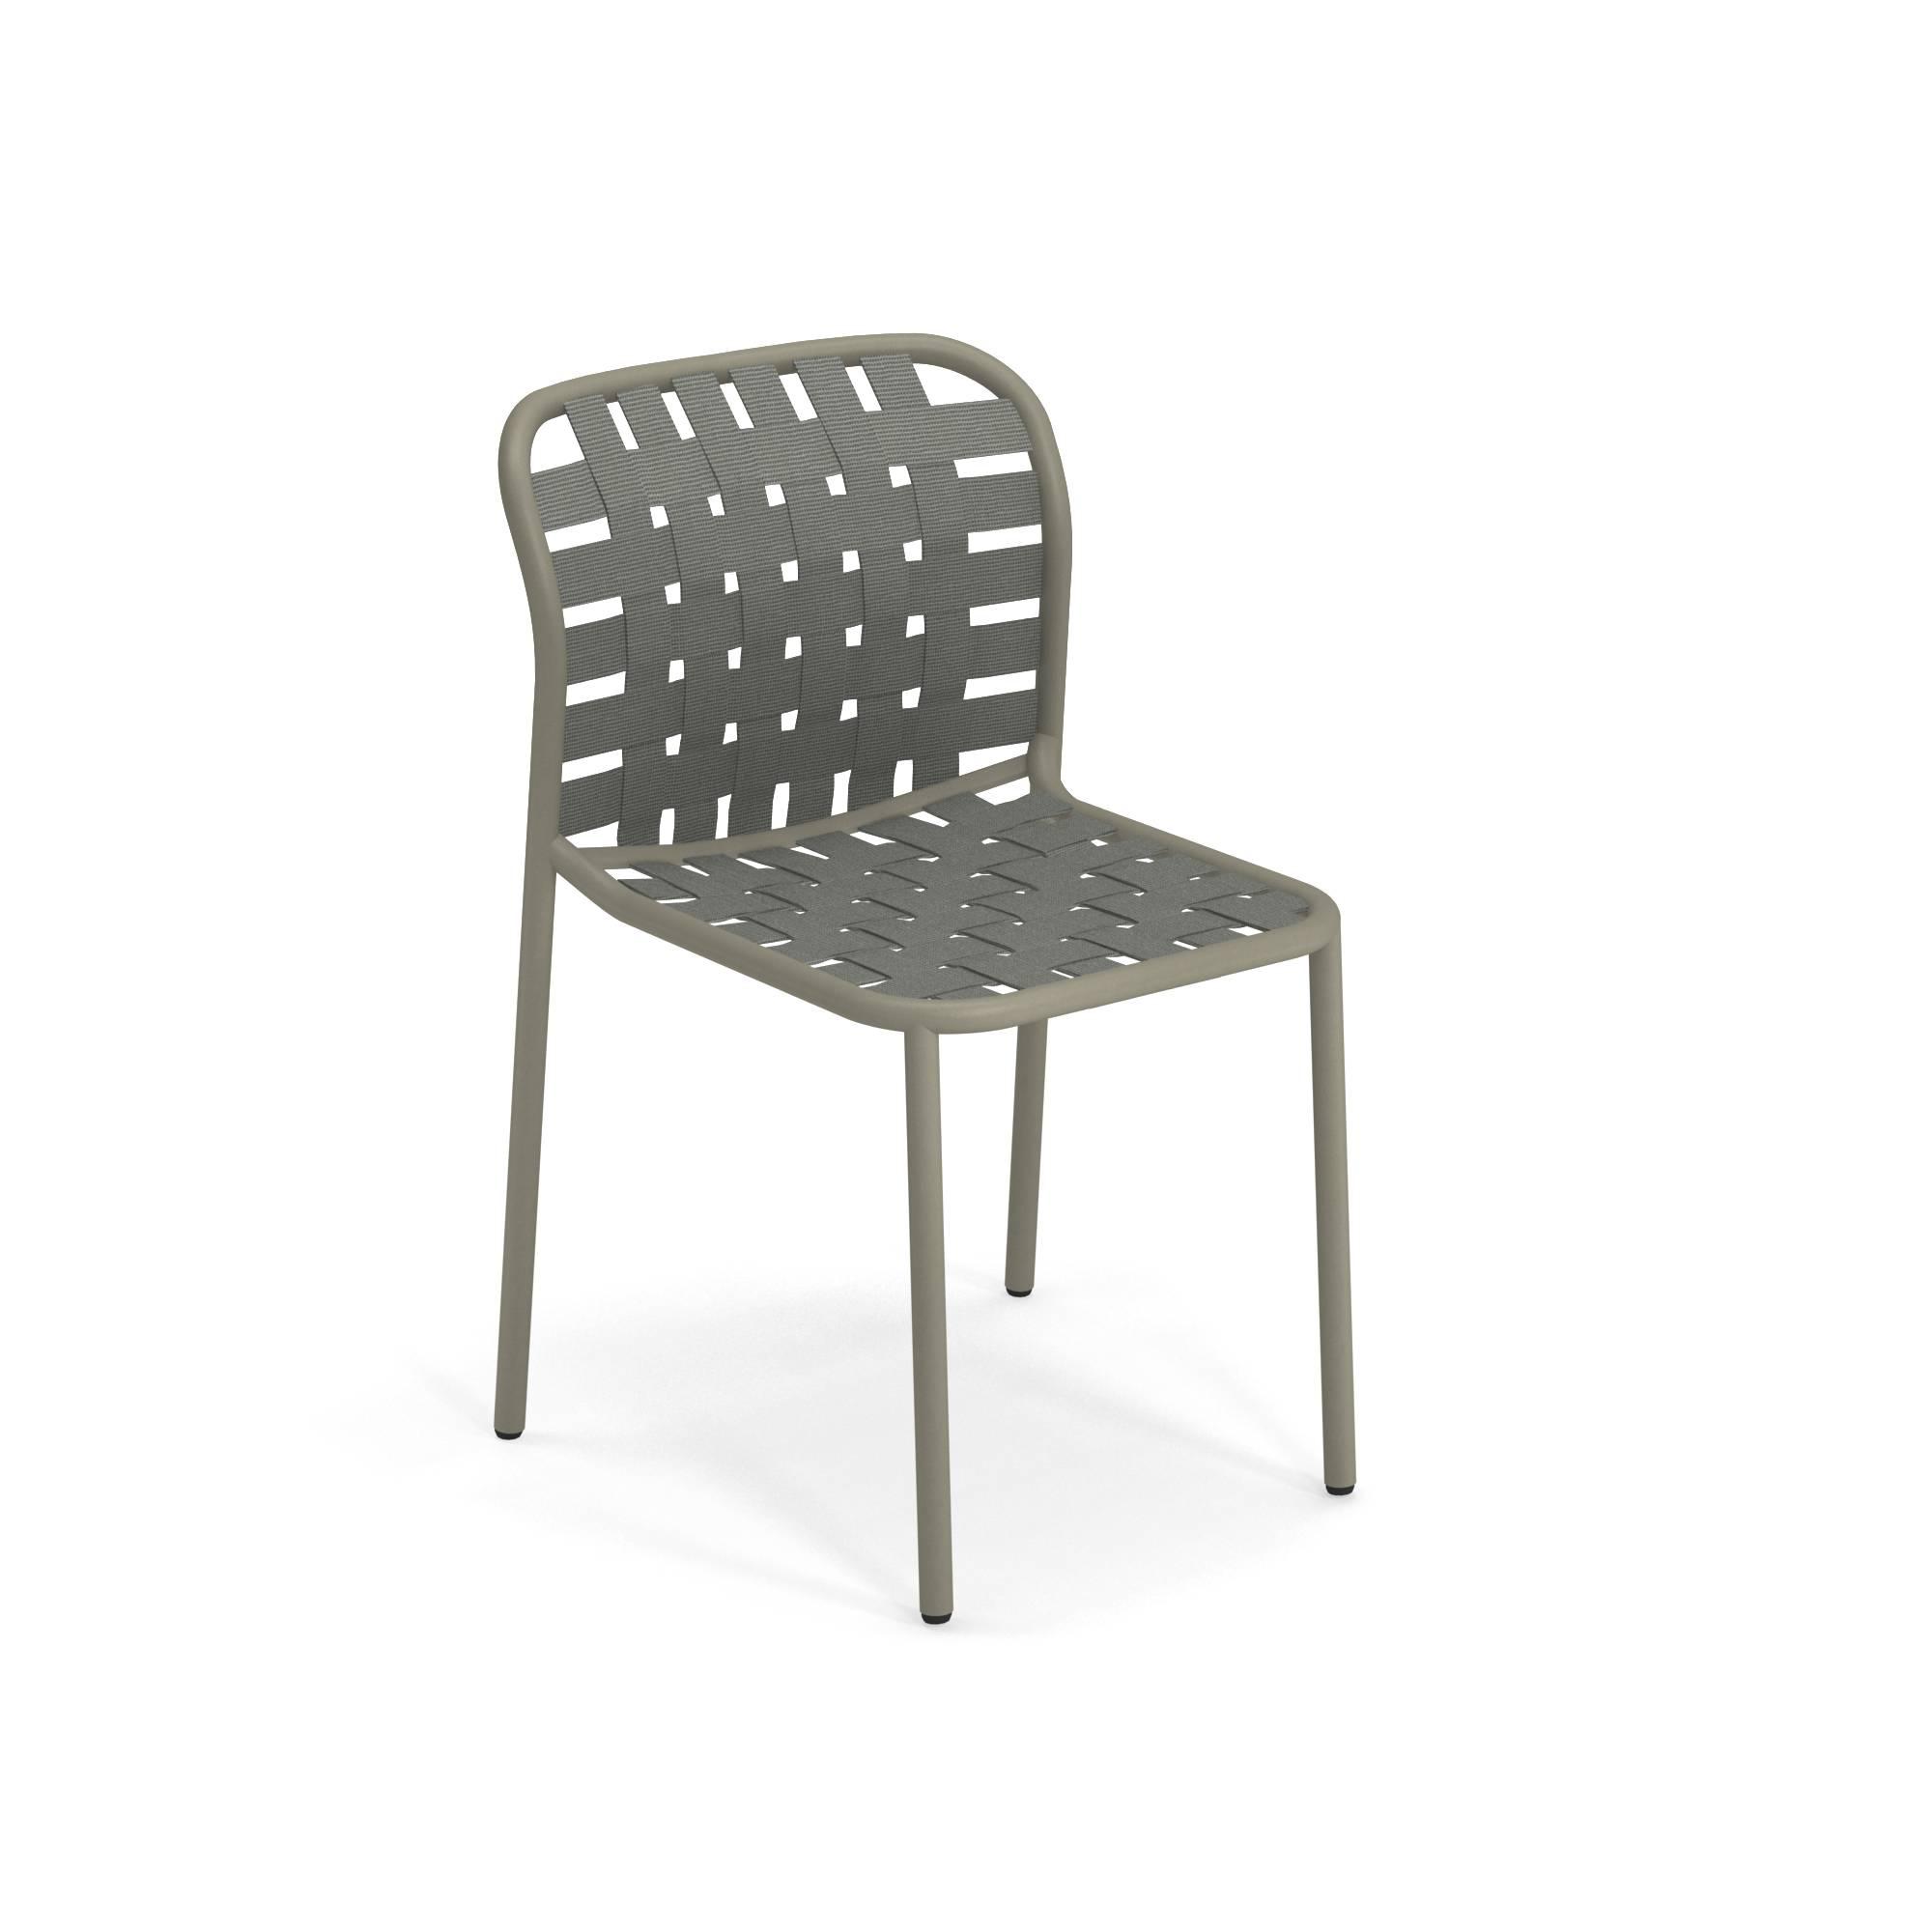 Emu Sedie Da Giardino.Sedia Da Giardino Esterno In Alluminio E Cinghie Elastiche